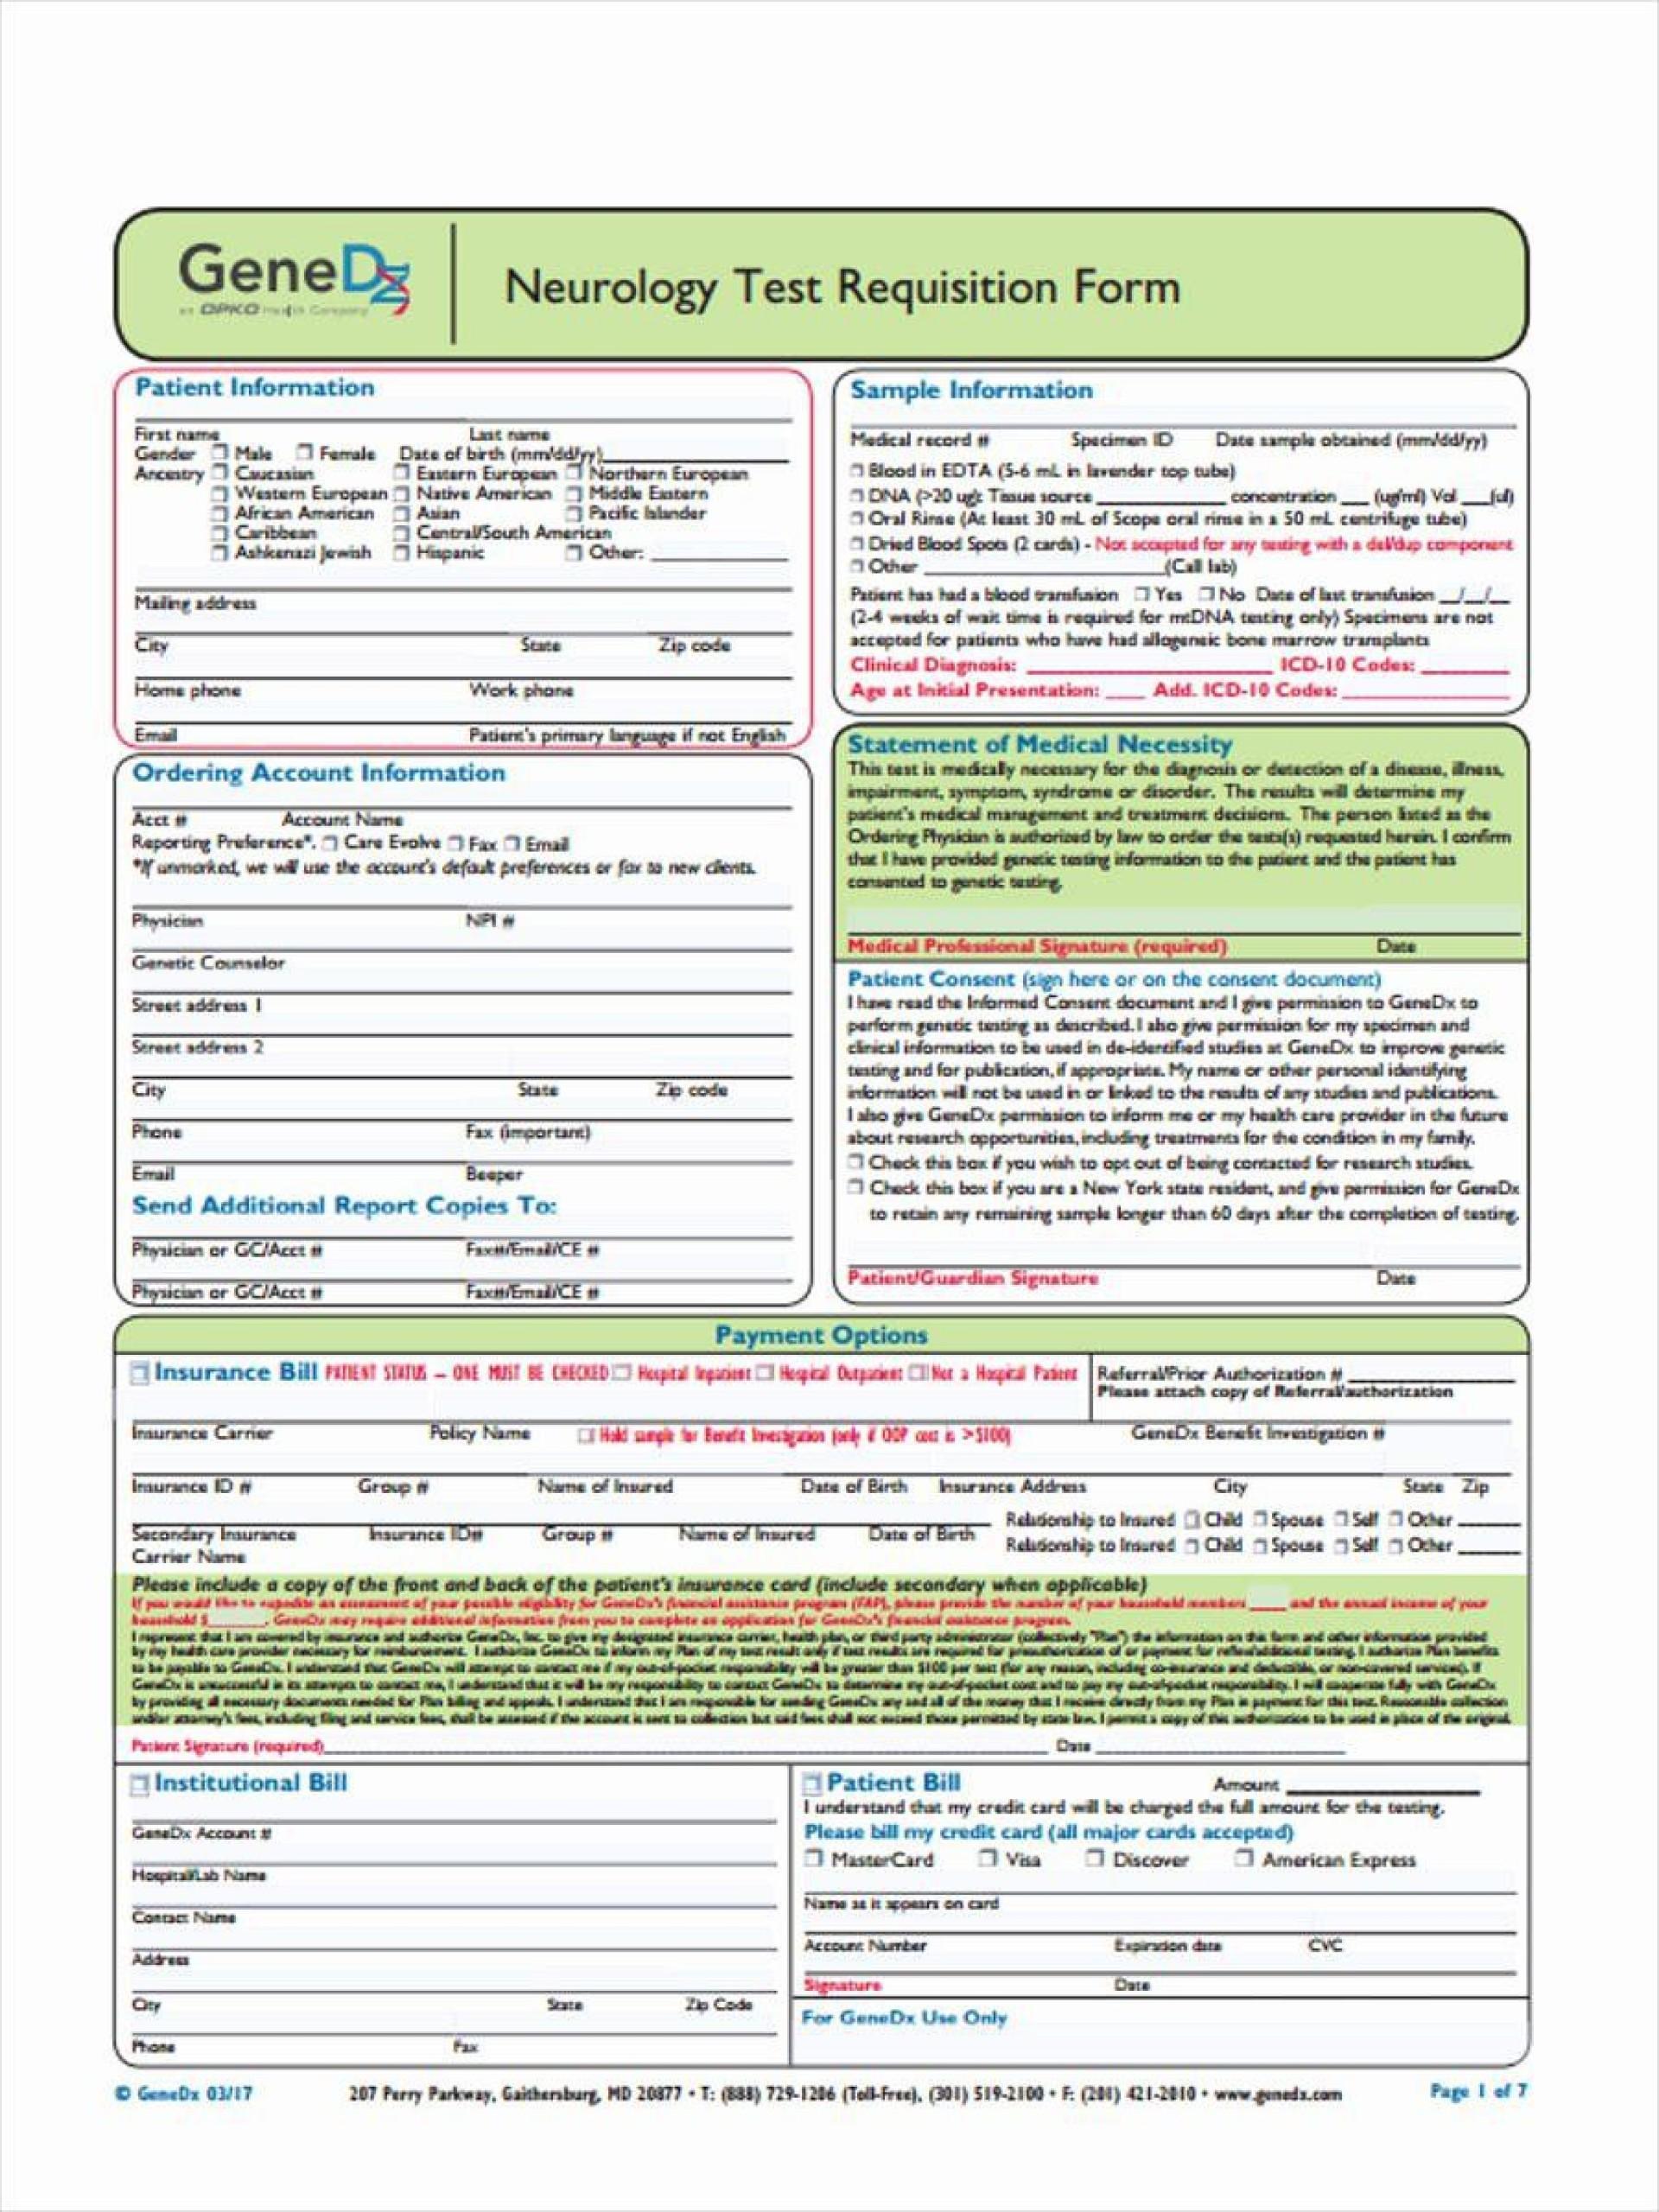 000 Sensational Lab Requisition Form Template Idea  Quest Diagnostic Pdf1920